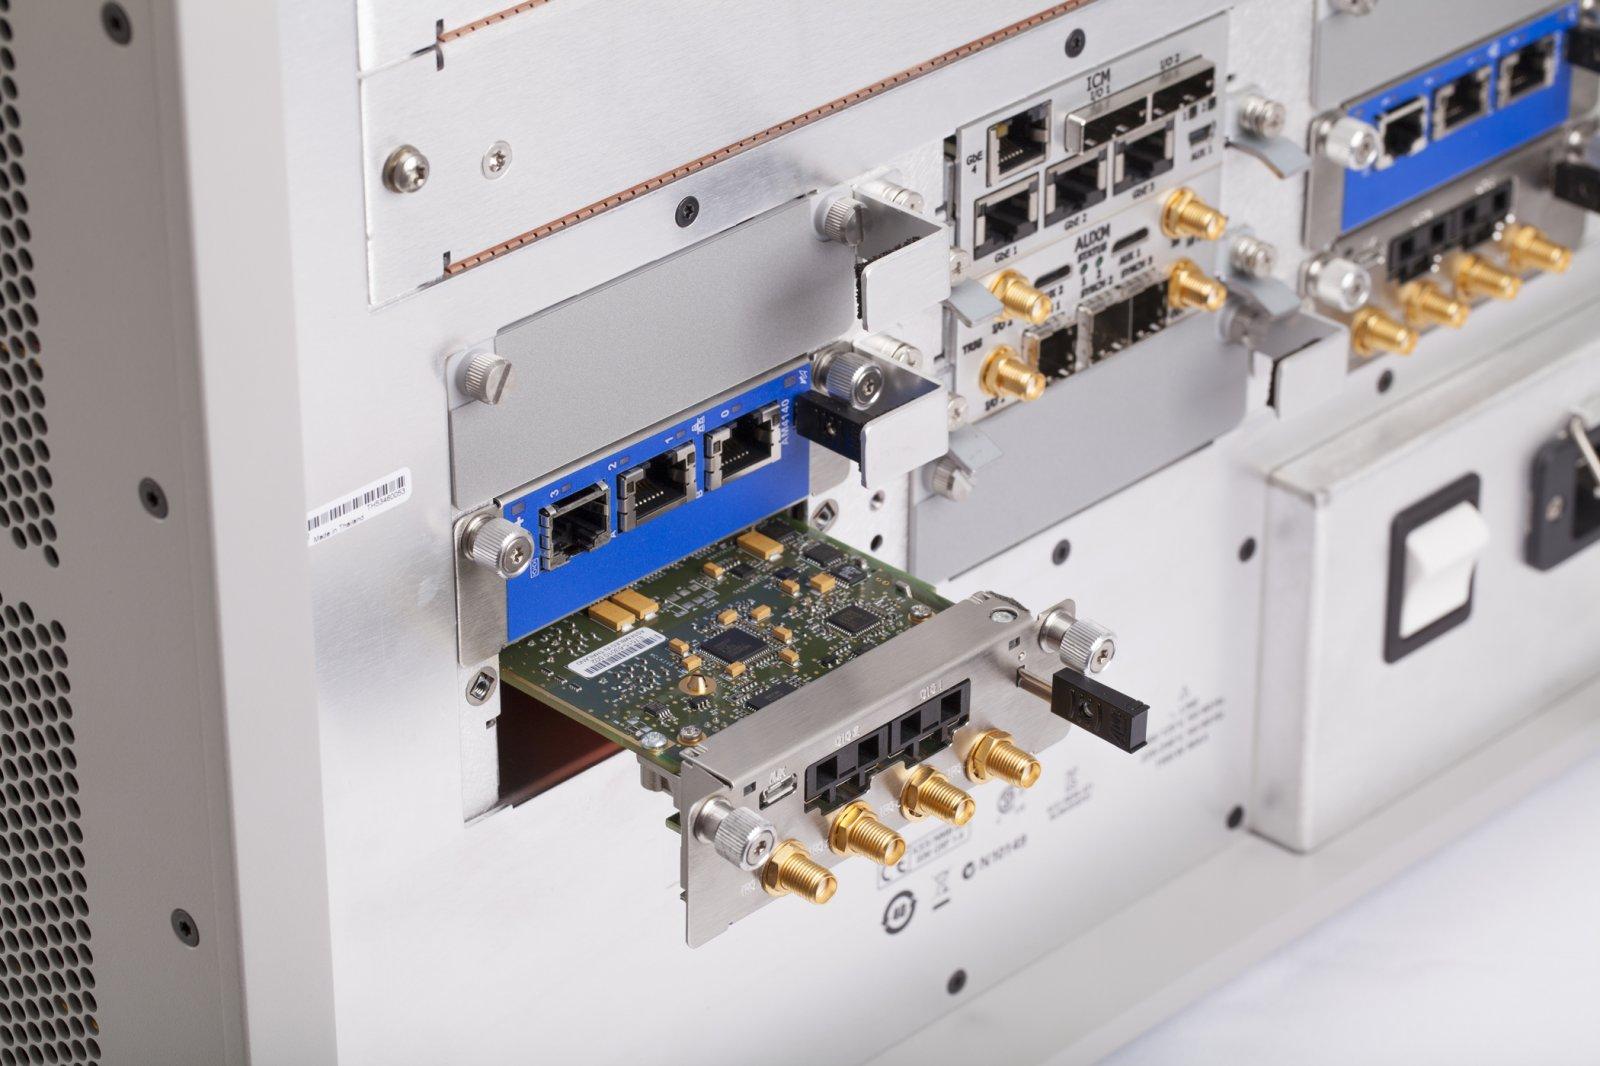 Keysight ускоряет внедрение технологий IoT с помощью LTE IoT-модемов Qualcomm